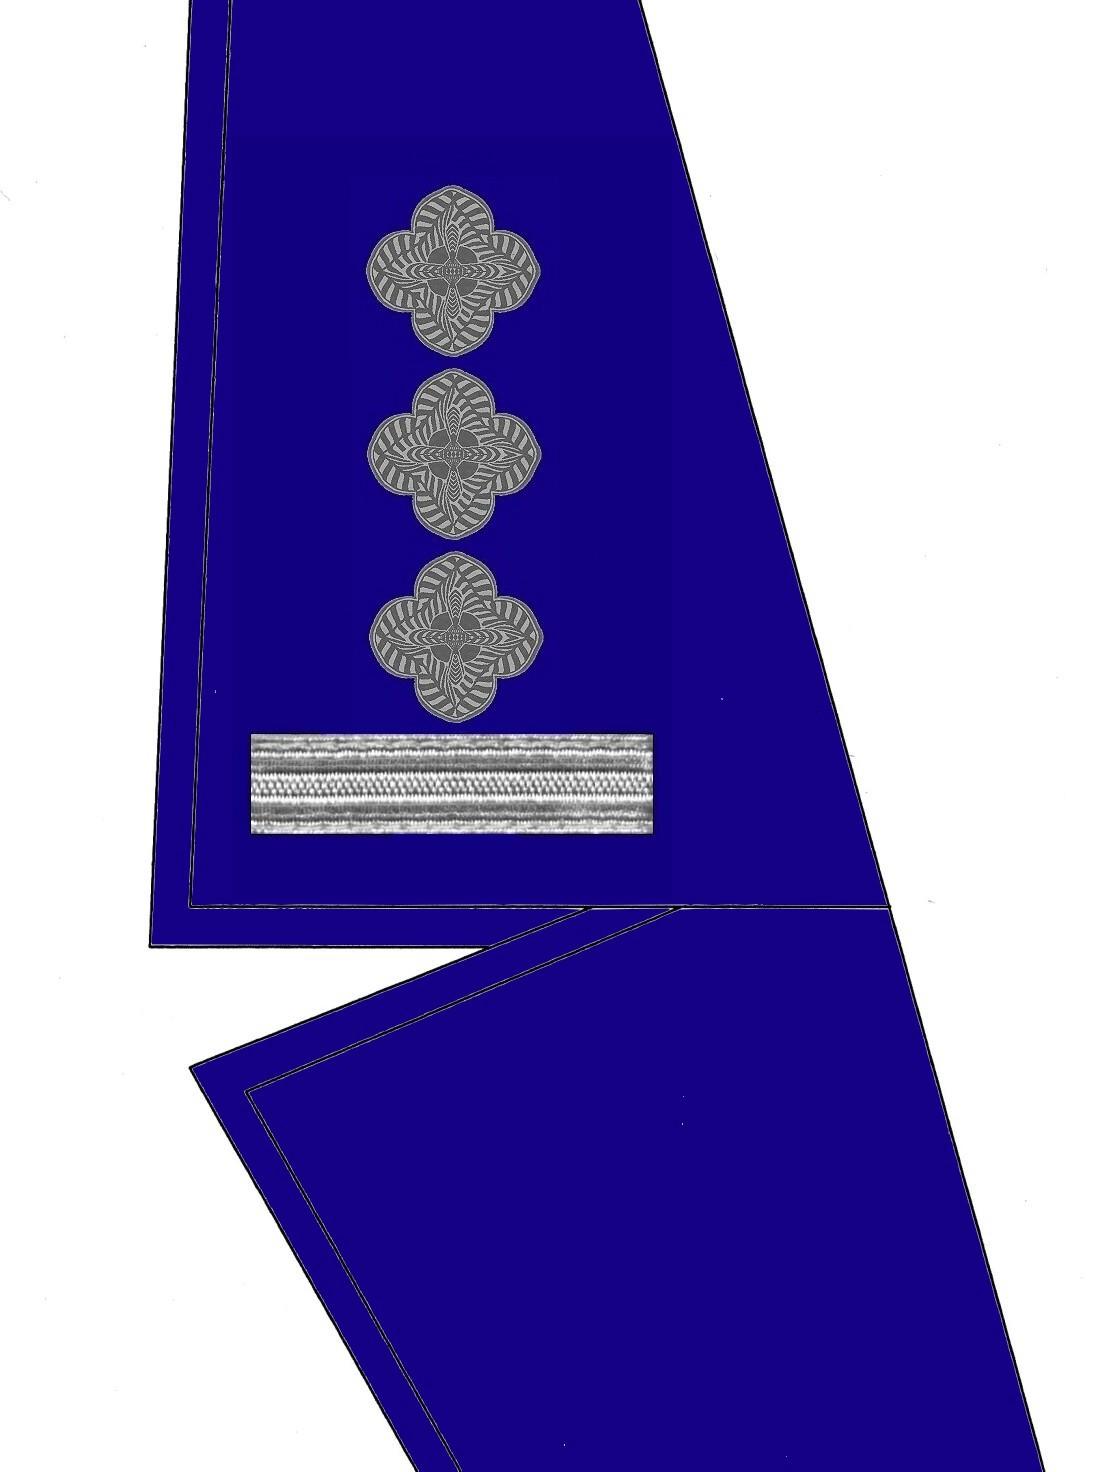 07-kragen-rangabzeichen-oberstabswachtmeister-hg-blau